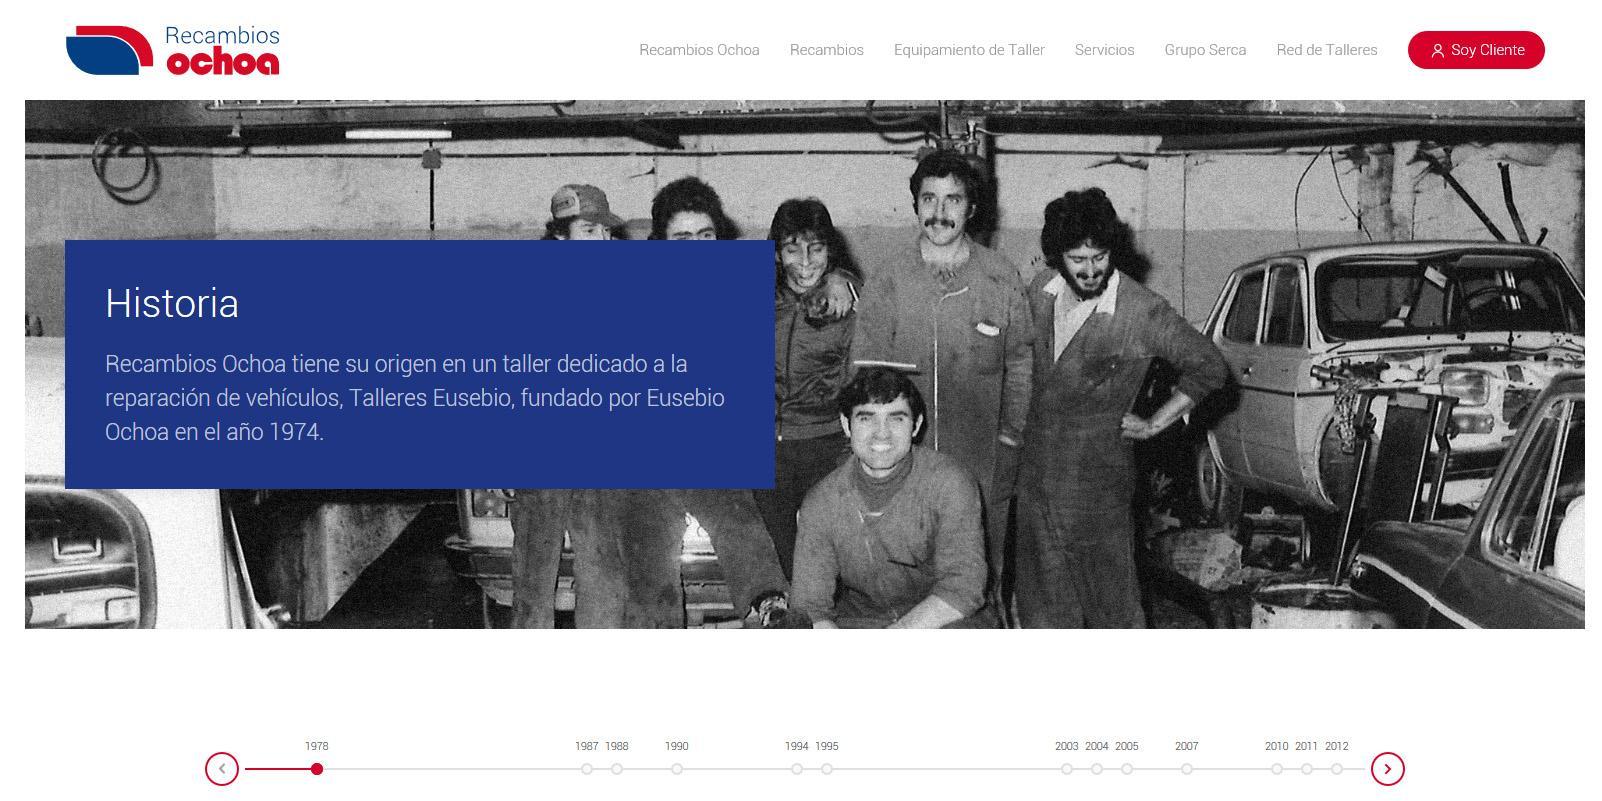 Historia nueva web.jpg